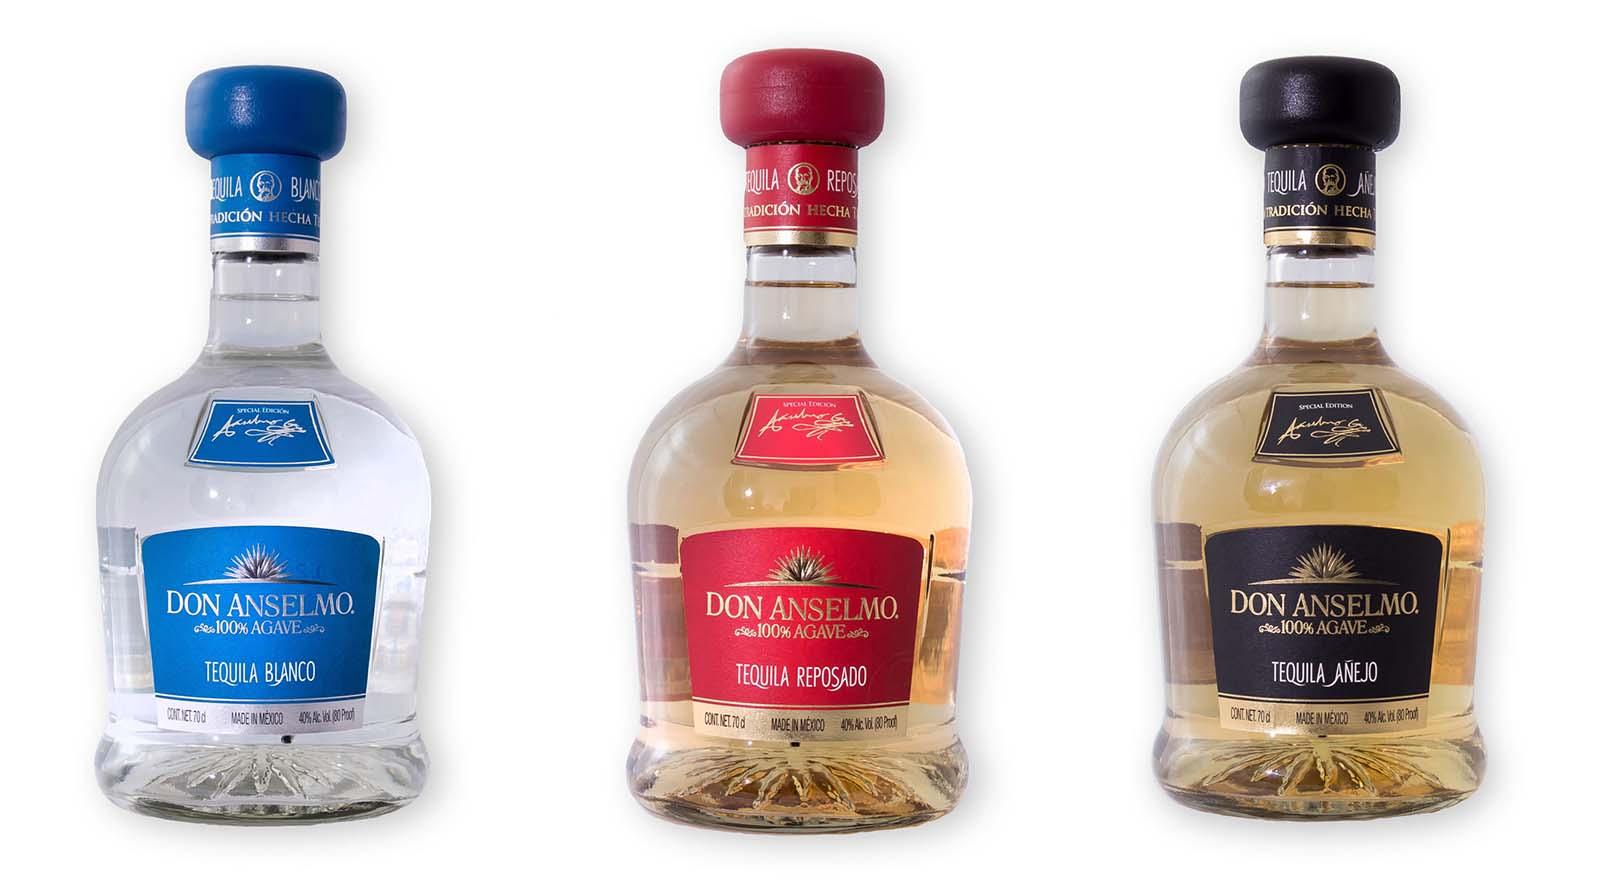 Tequila Sorten von Tequila Don Anselmo